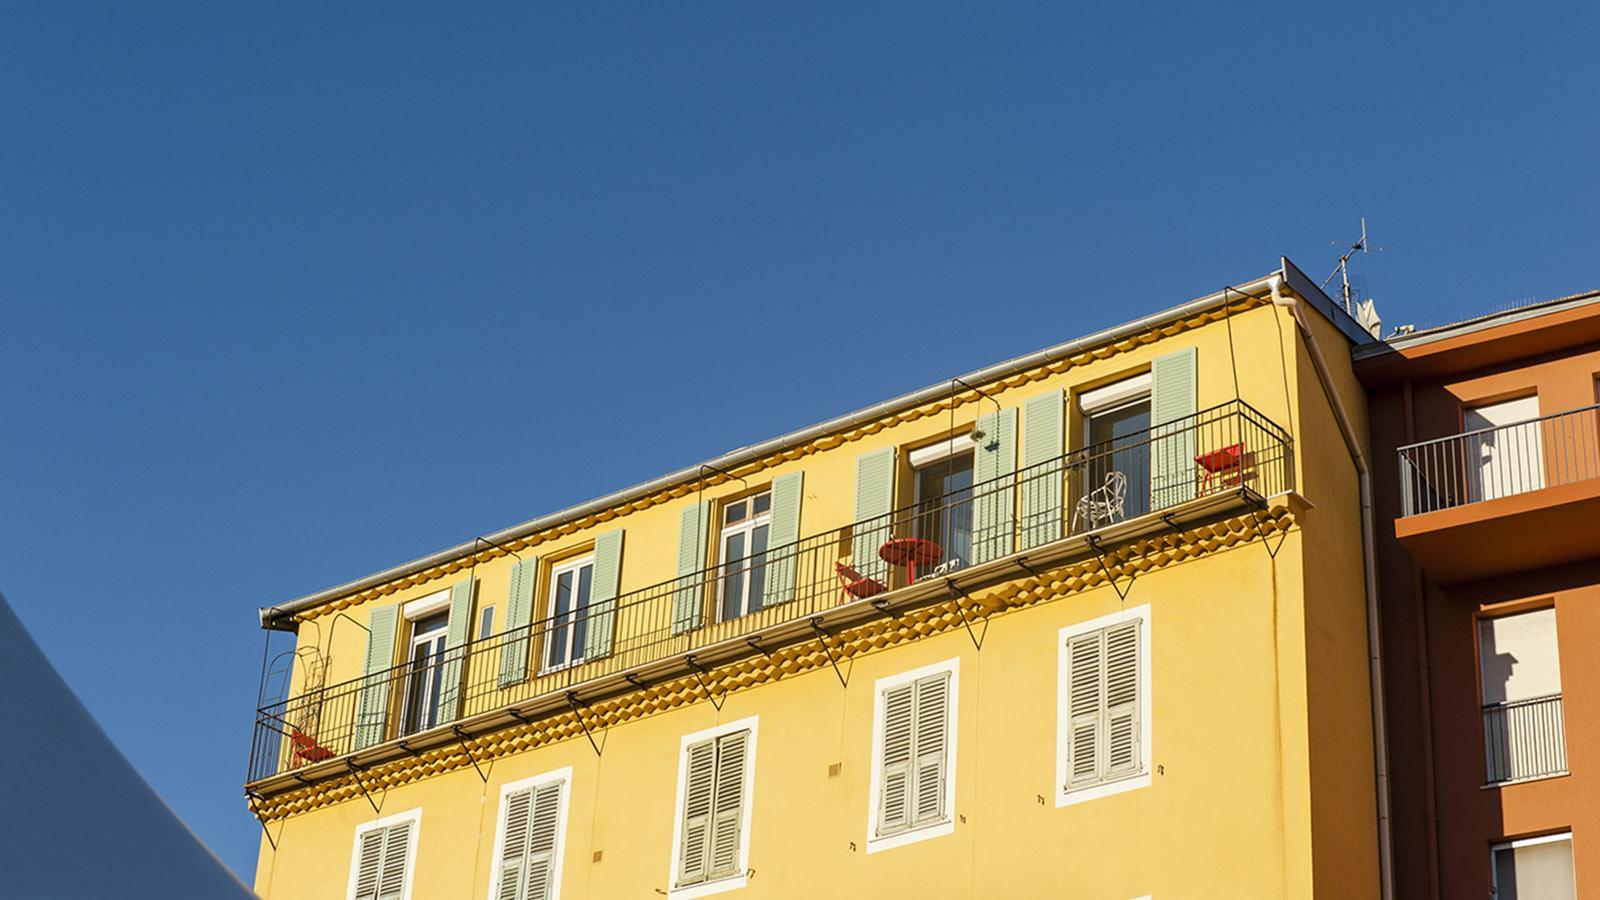 Die Genüsse von Nizza: Kürbisse in allen Farben und Formen gibt auf dem Wochenmarkt des Cours Saleya. Foto: Hilke Maunder